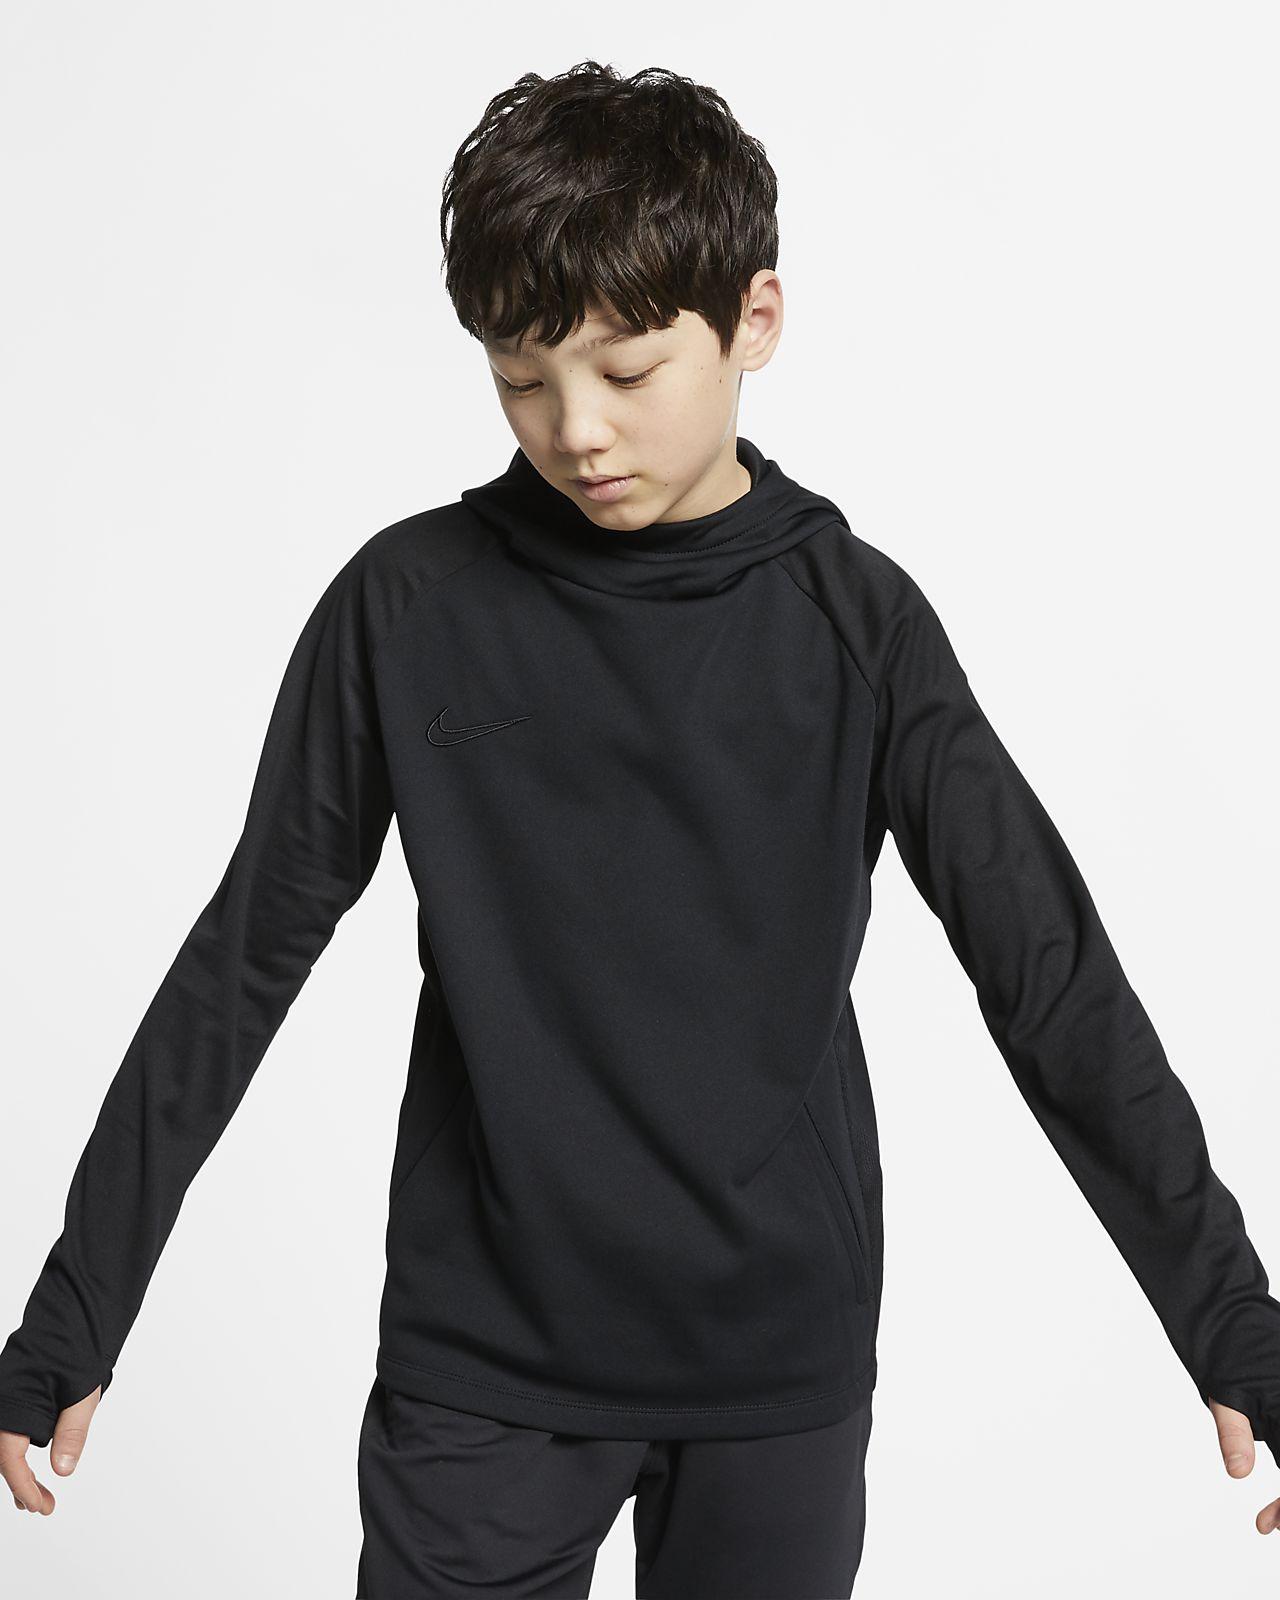 Ποδοσφαιρική μπλούζα με κουκούλα Nike Dri-FIT Academy για μεγάλα παιδιά